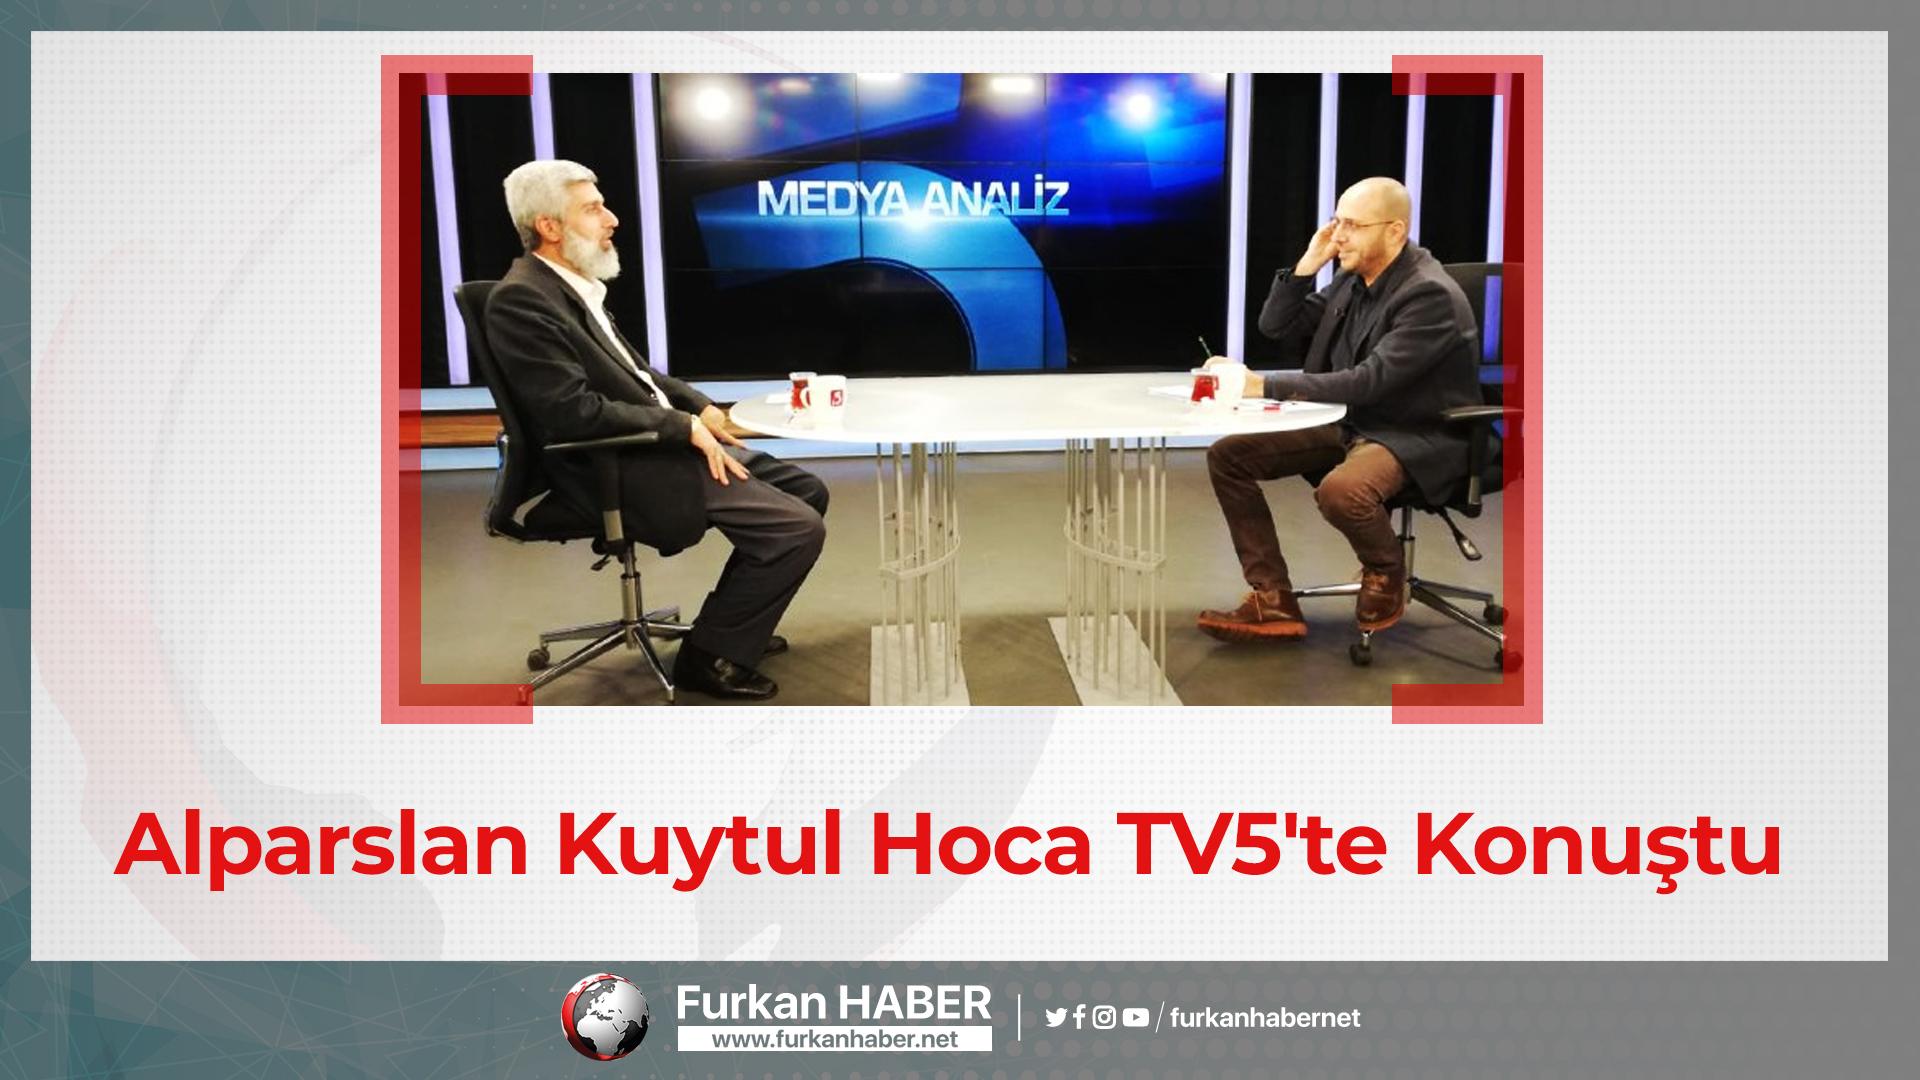 Alparslan Kuytul Hoca TV5'te Konuştu